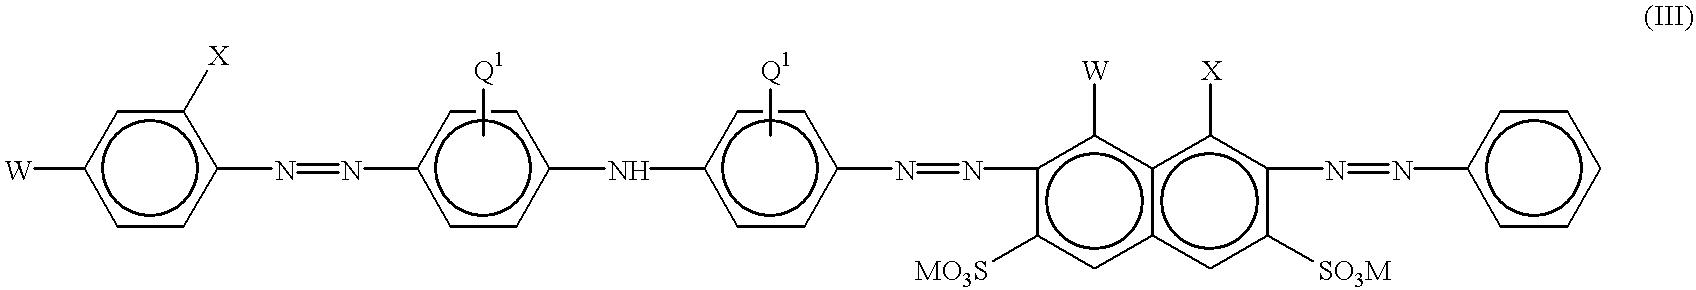 Figure US06231652-20010515-C00010